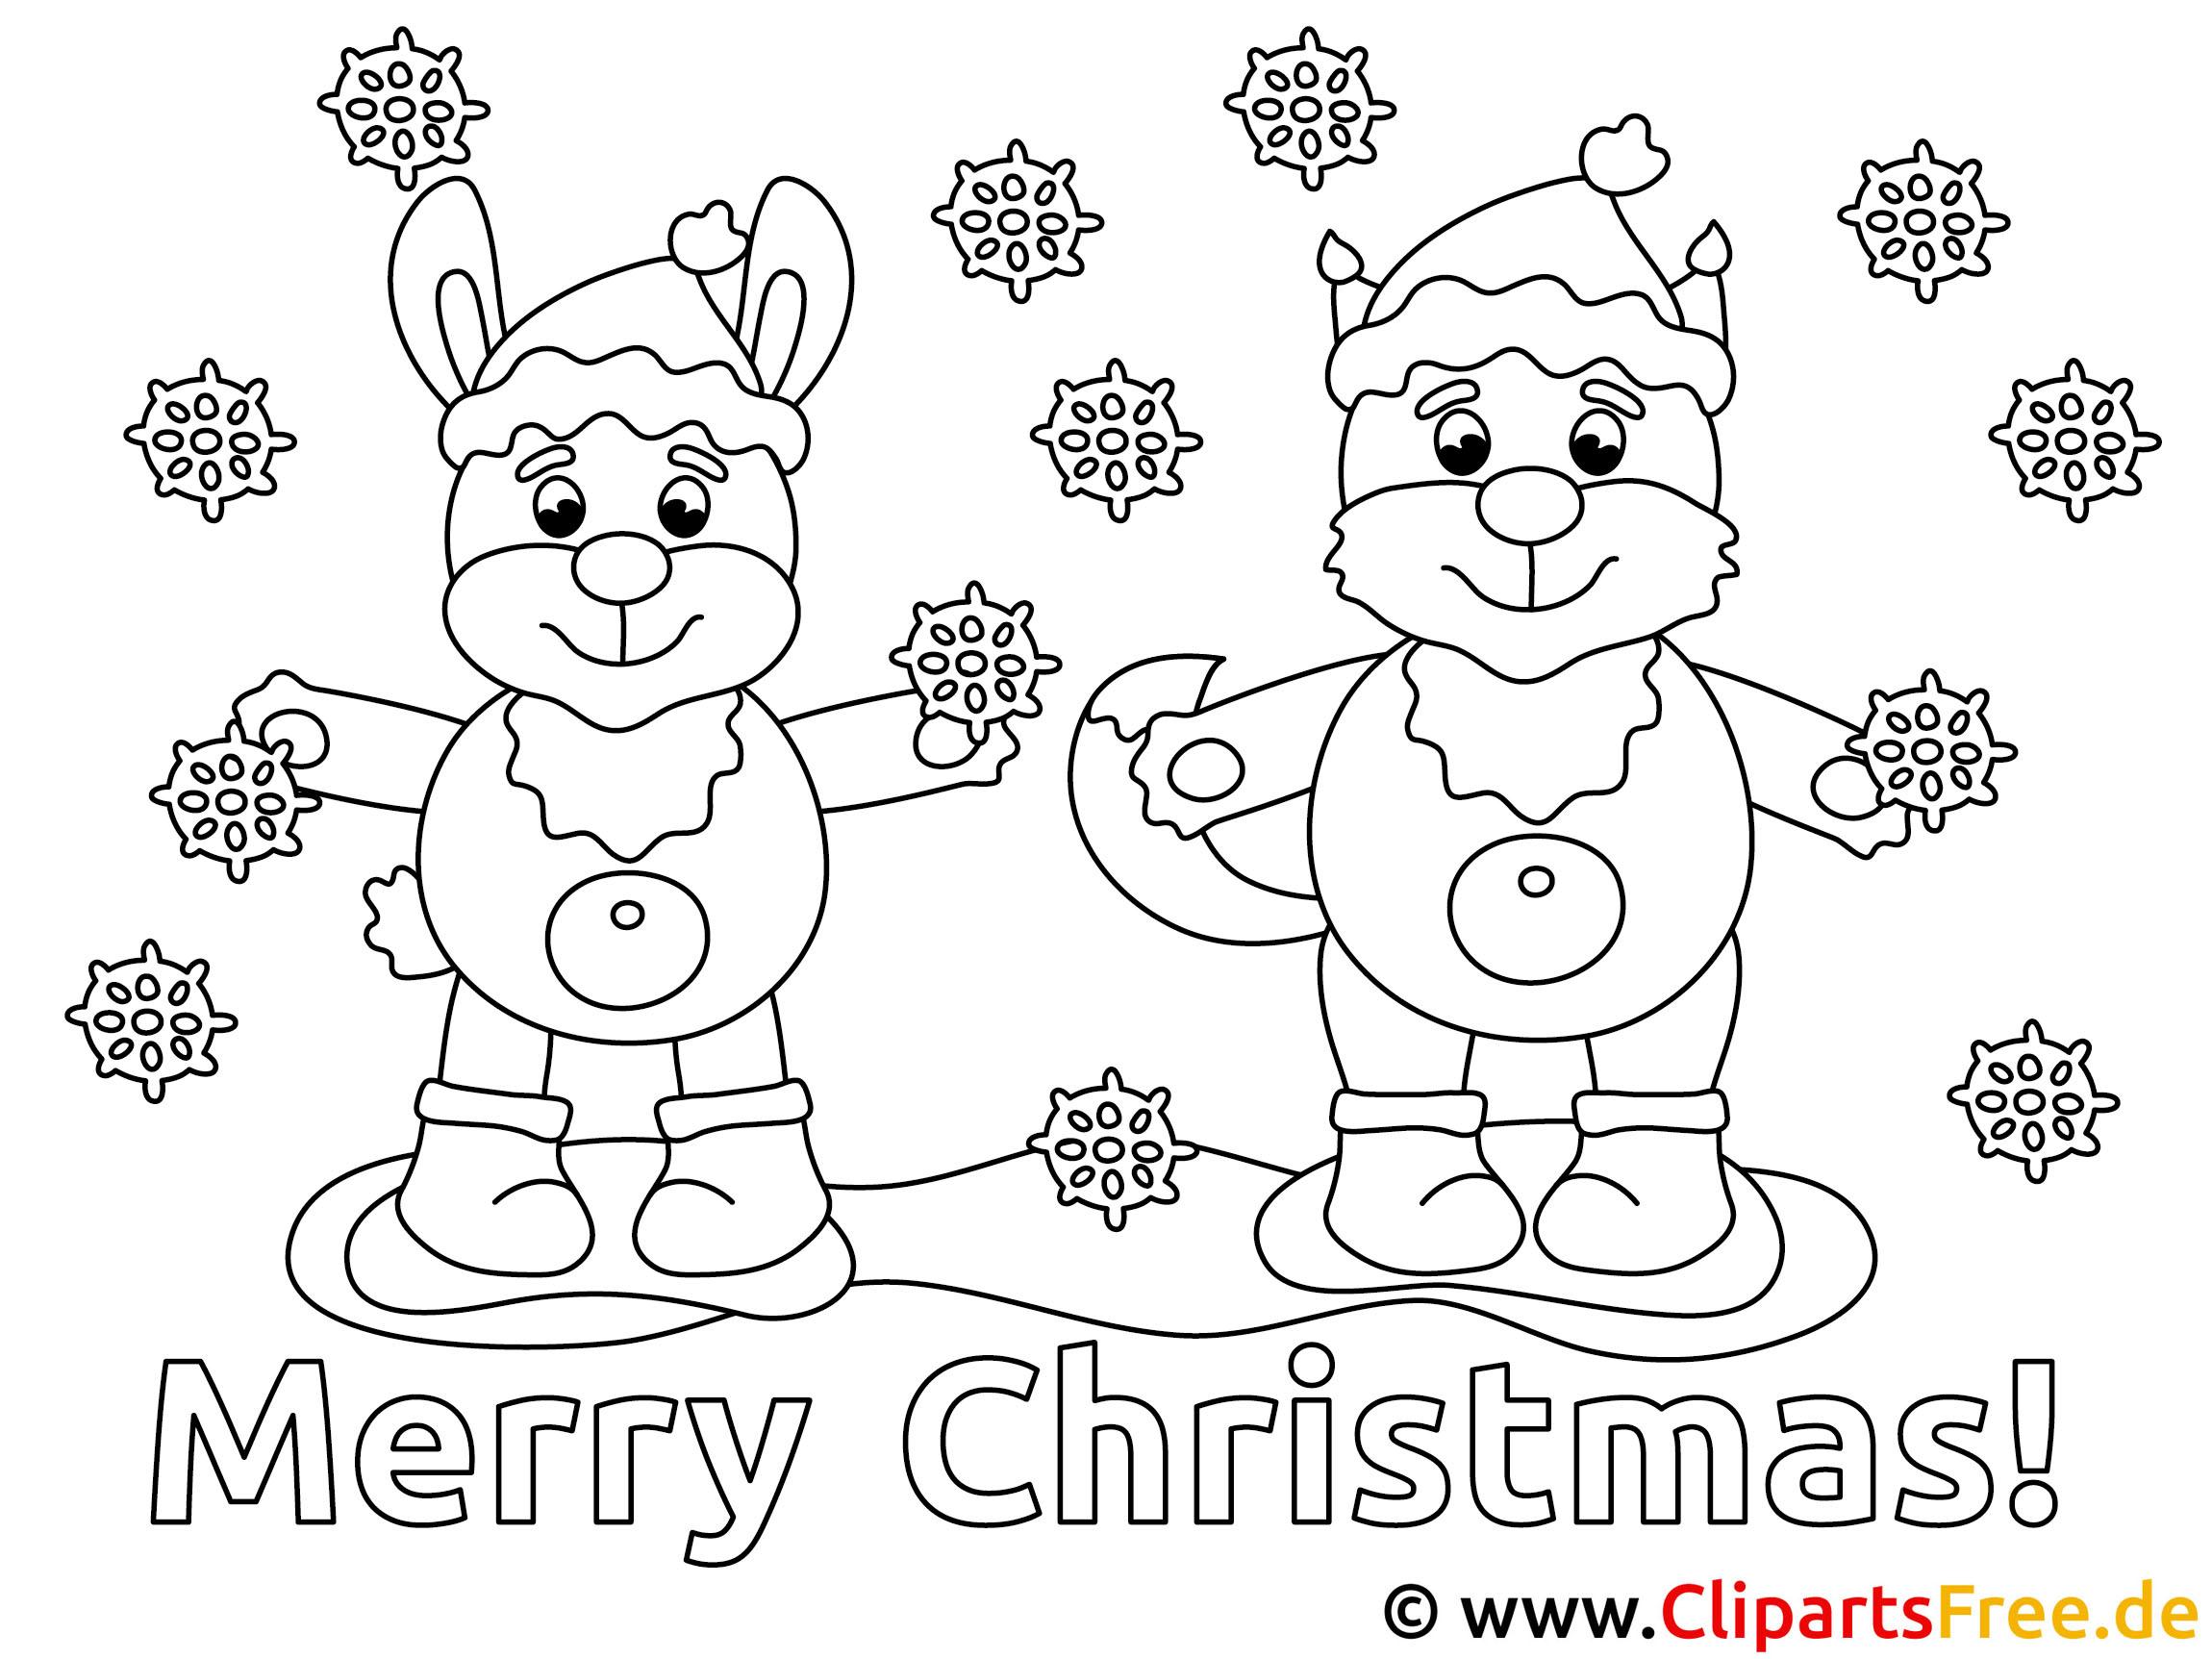 malvorlagen weihnachten kostenlos  bilder19